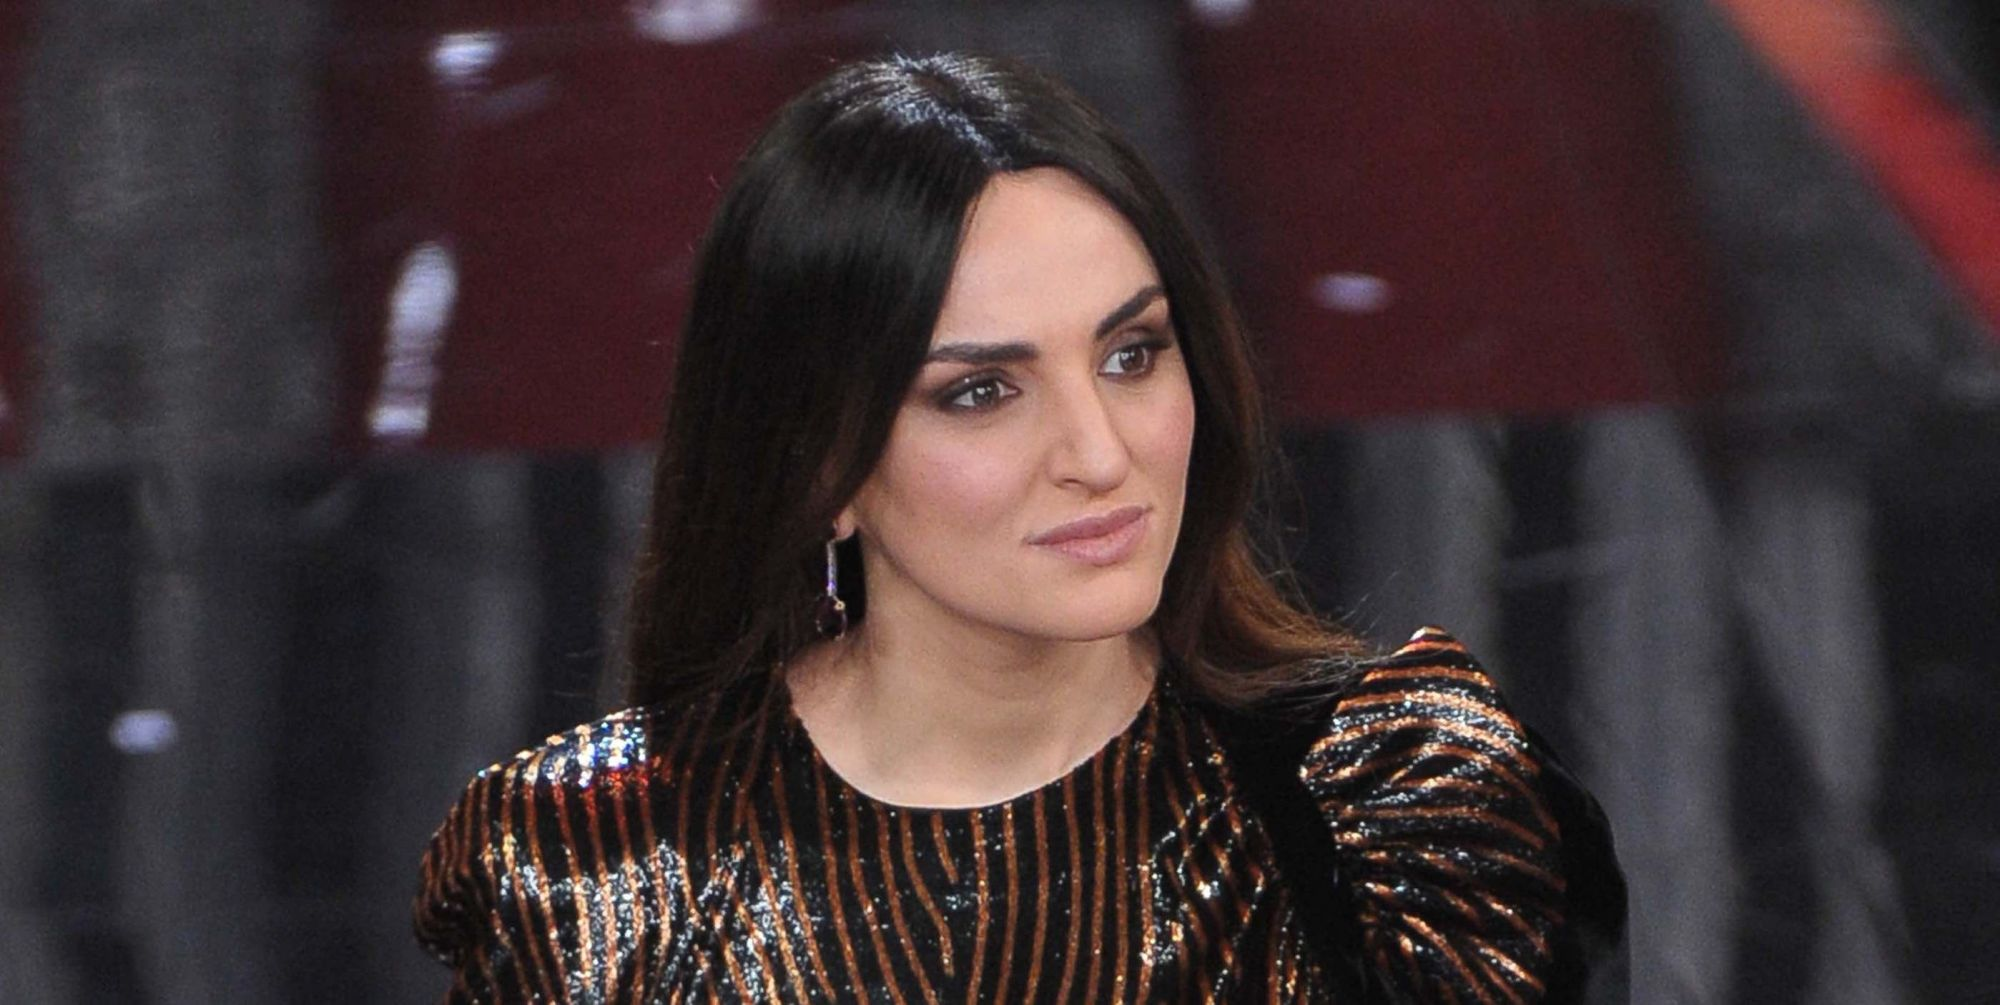 """Arisa a Sanremo 2019 con """"Mi sento bene"""": testo, audio, significato"""